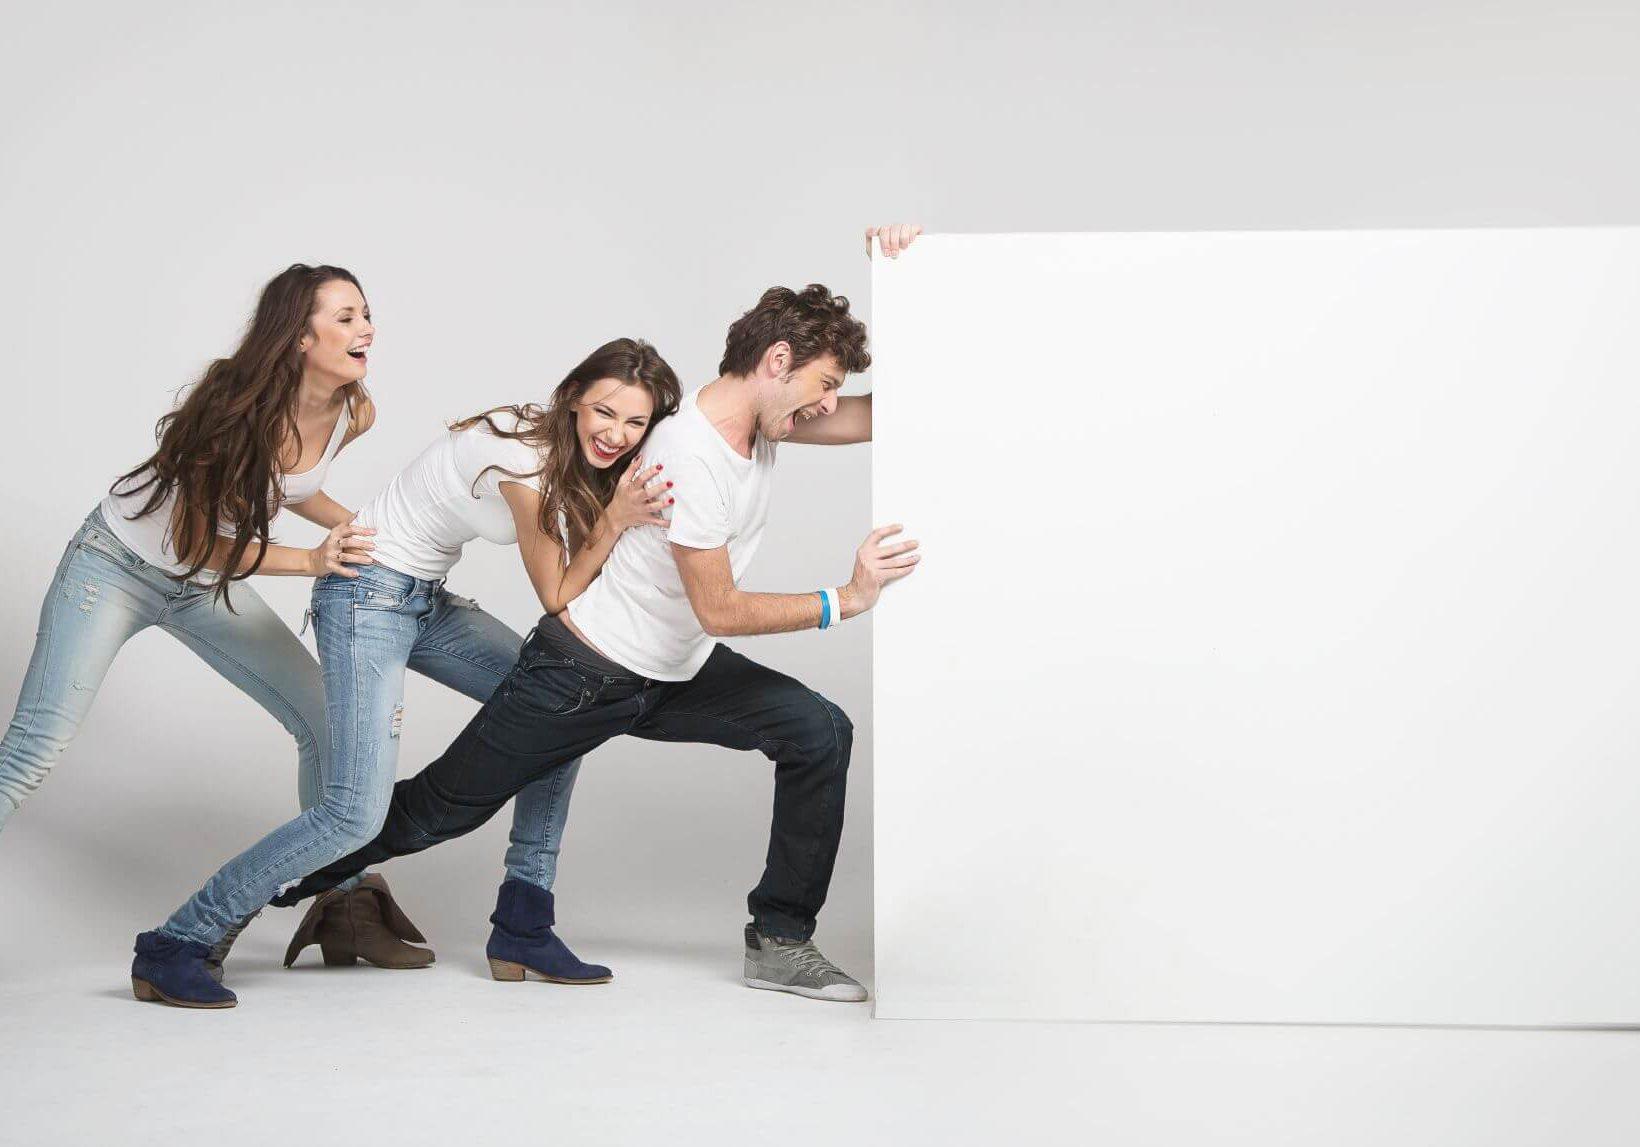 3 אנשים דוחפים שלט - המחשת שיווק בדחיפה